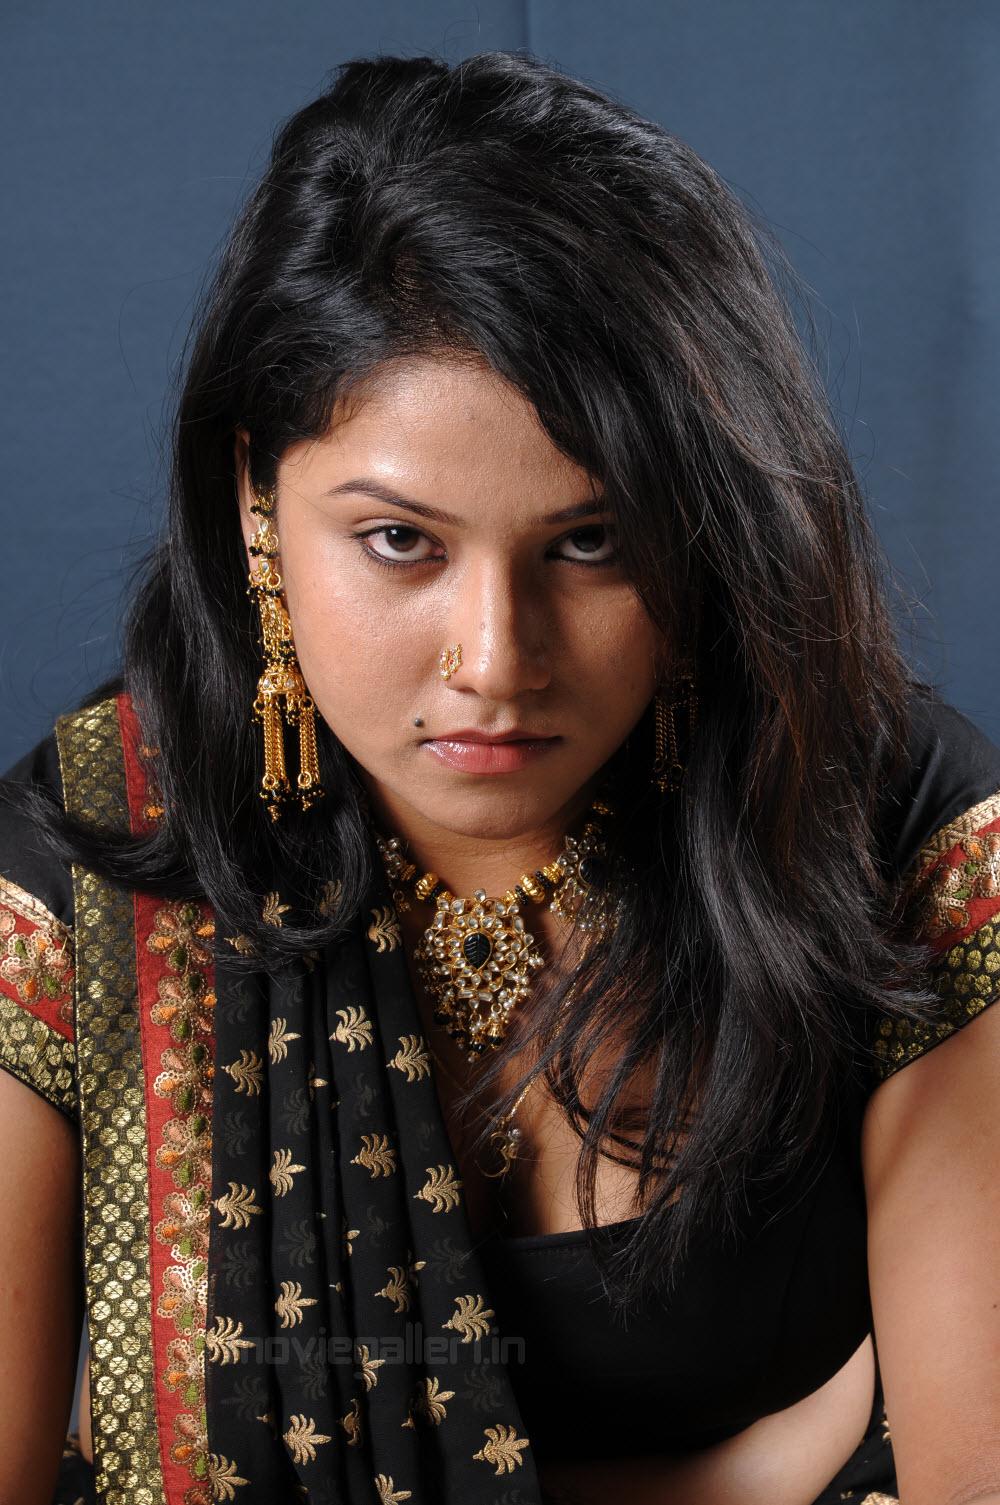 Jyothi 3d Wallpapers Actress Jyothi Latest Hot Pics Jyothi Telugu Actress Hot